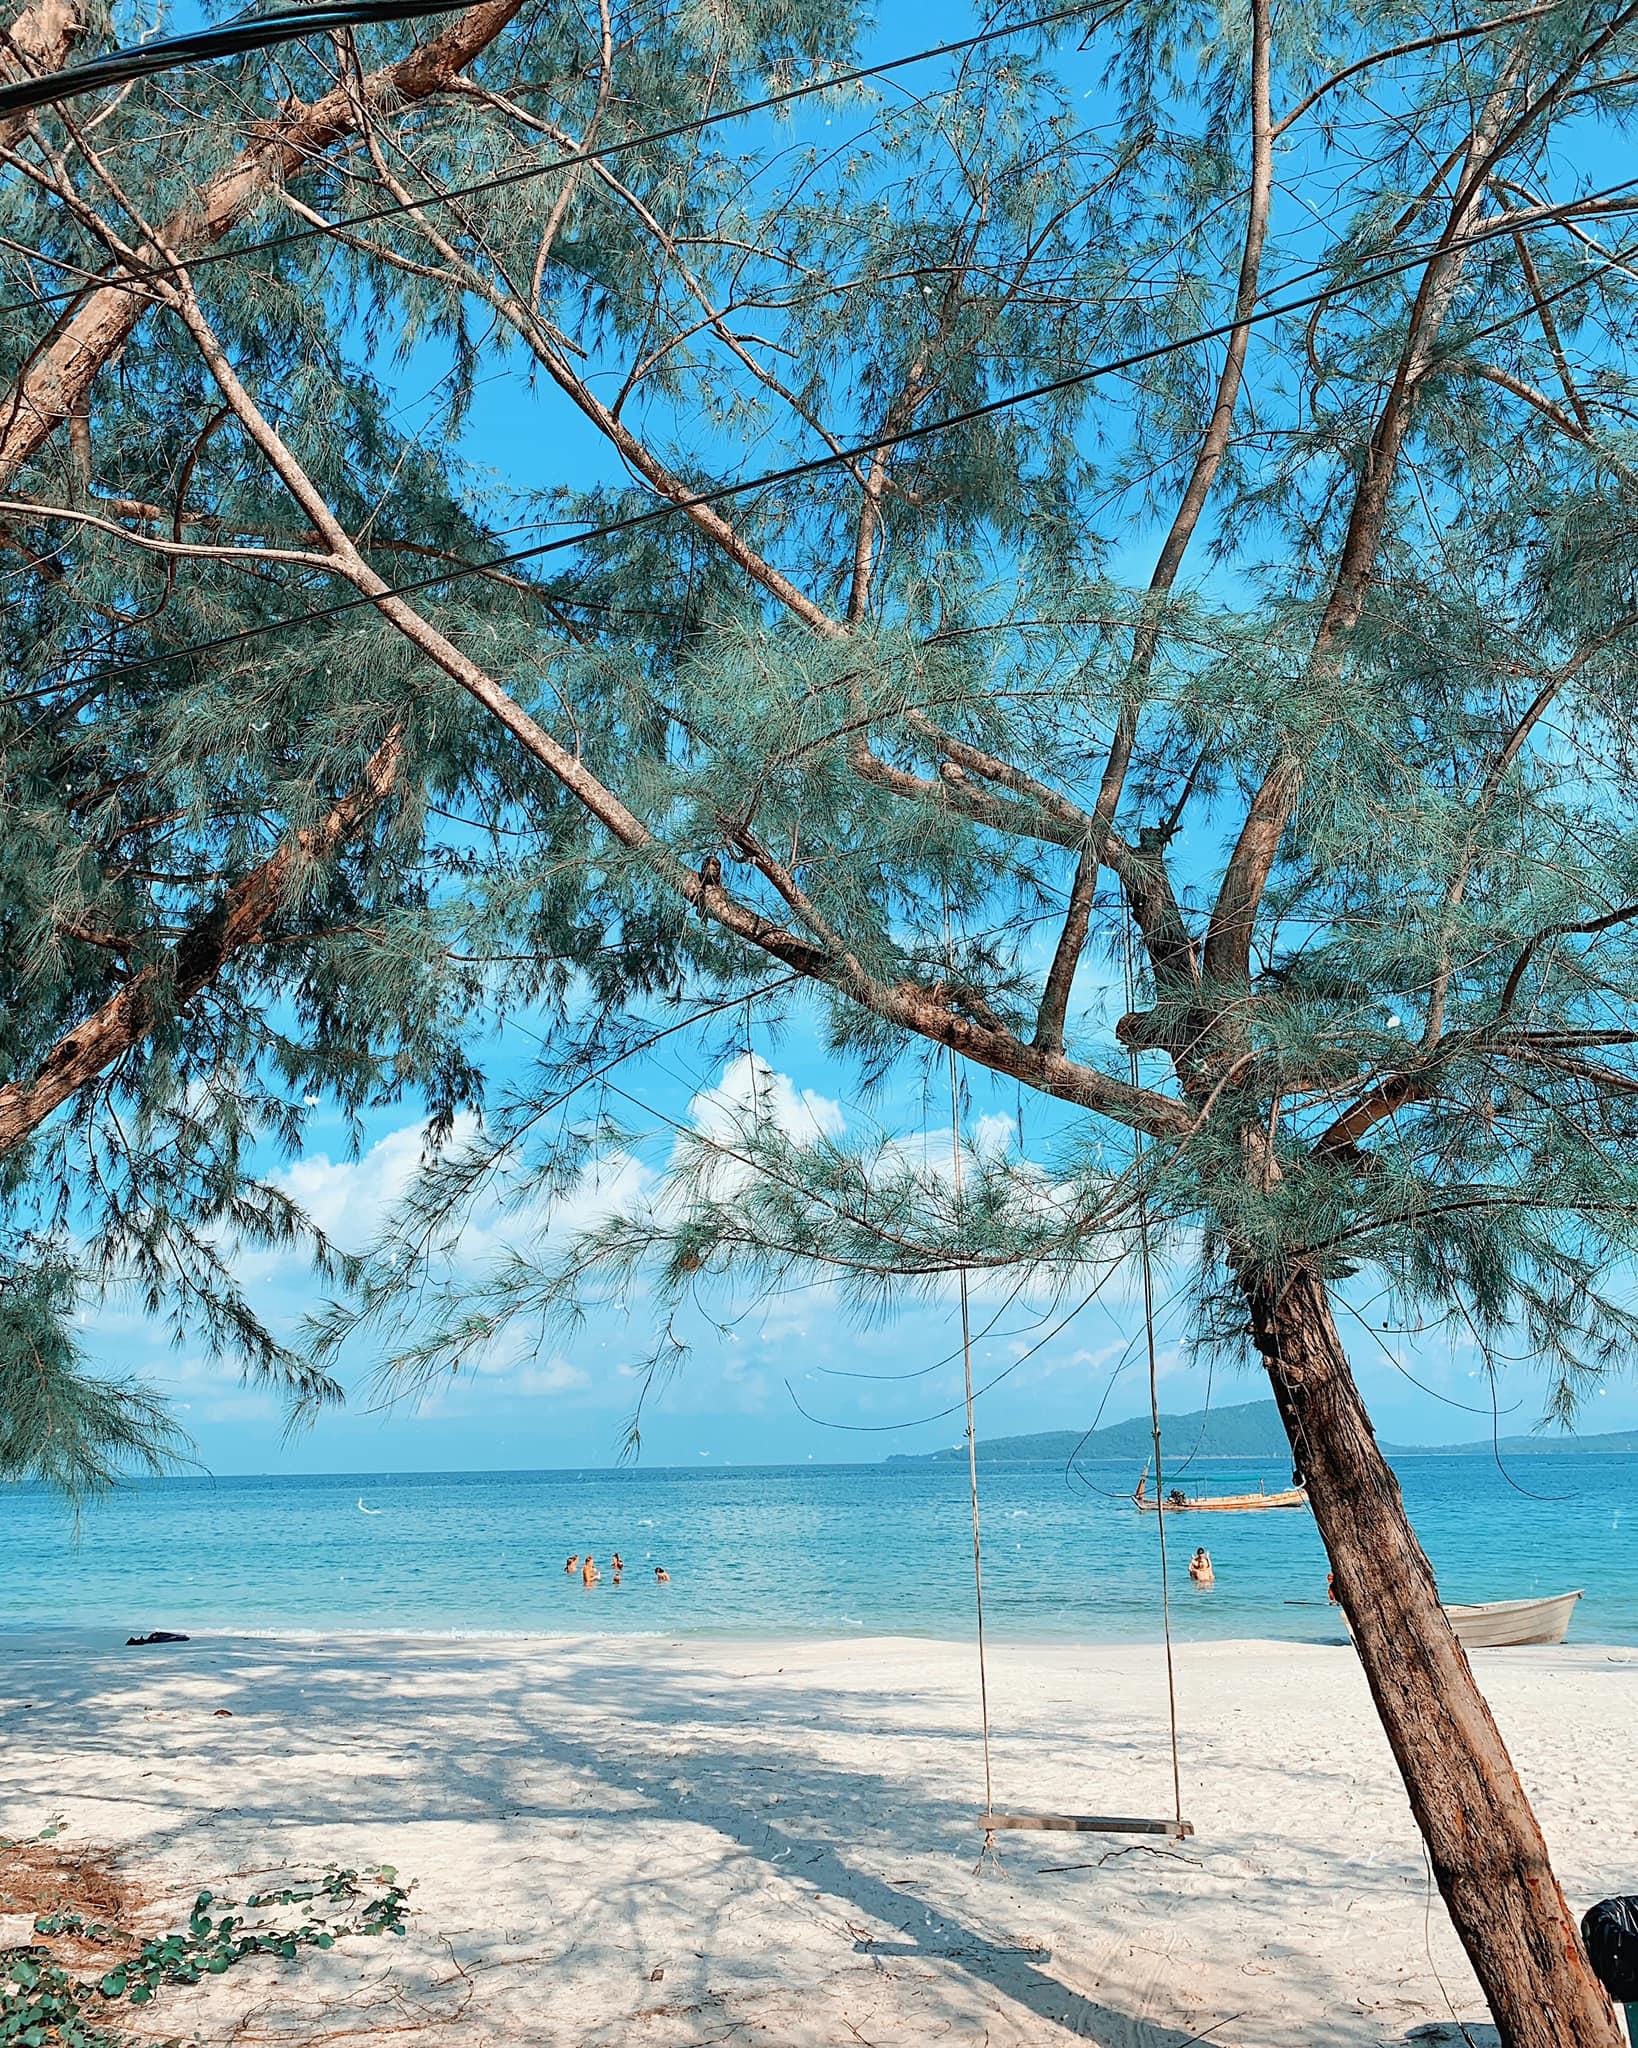 campuchia_Koh-Rong-Samloem-Koh-Rong-island-07